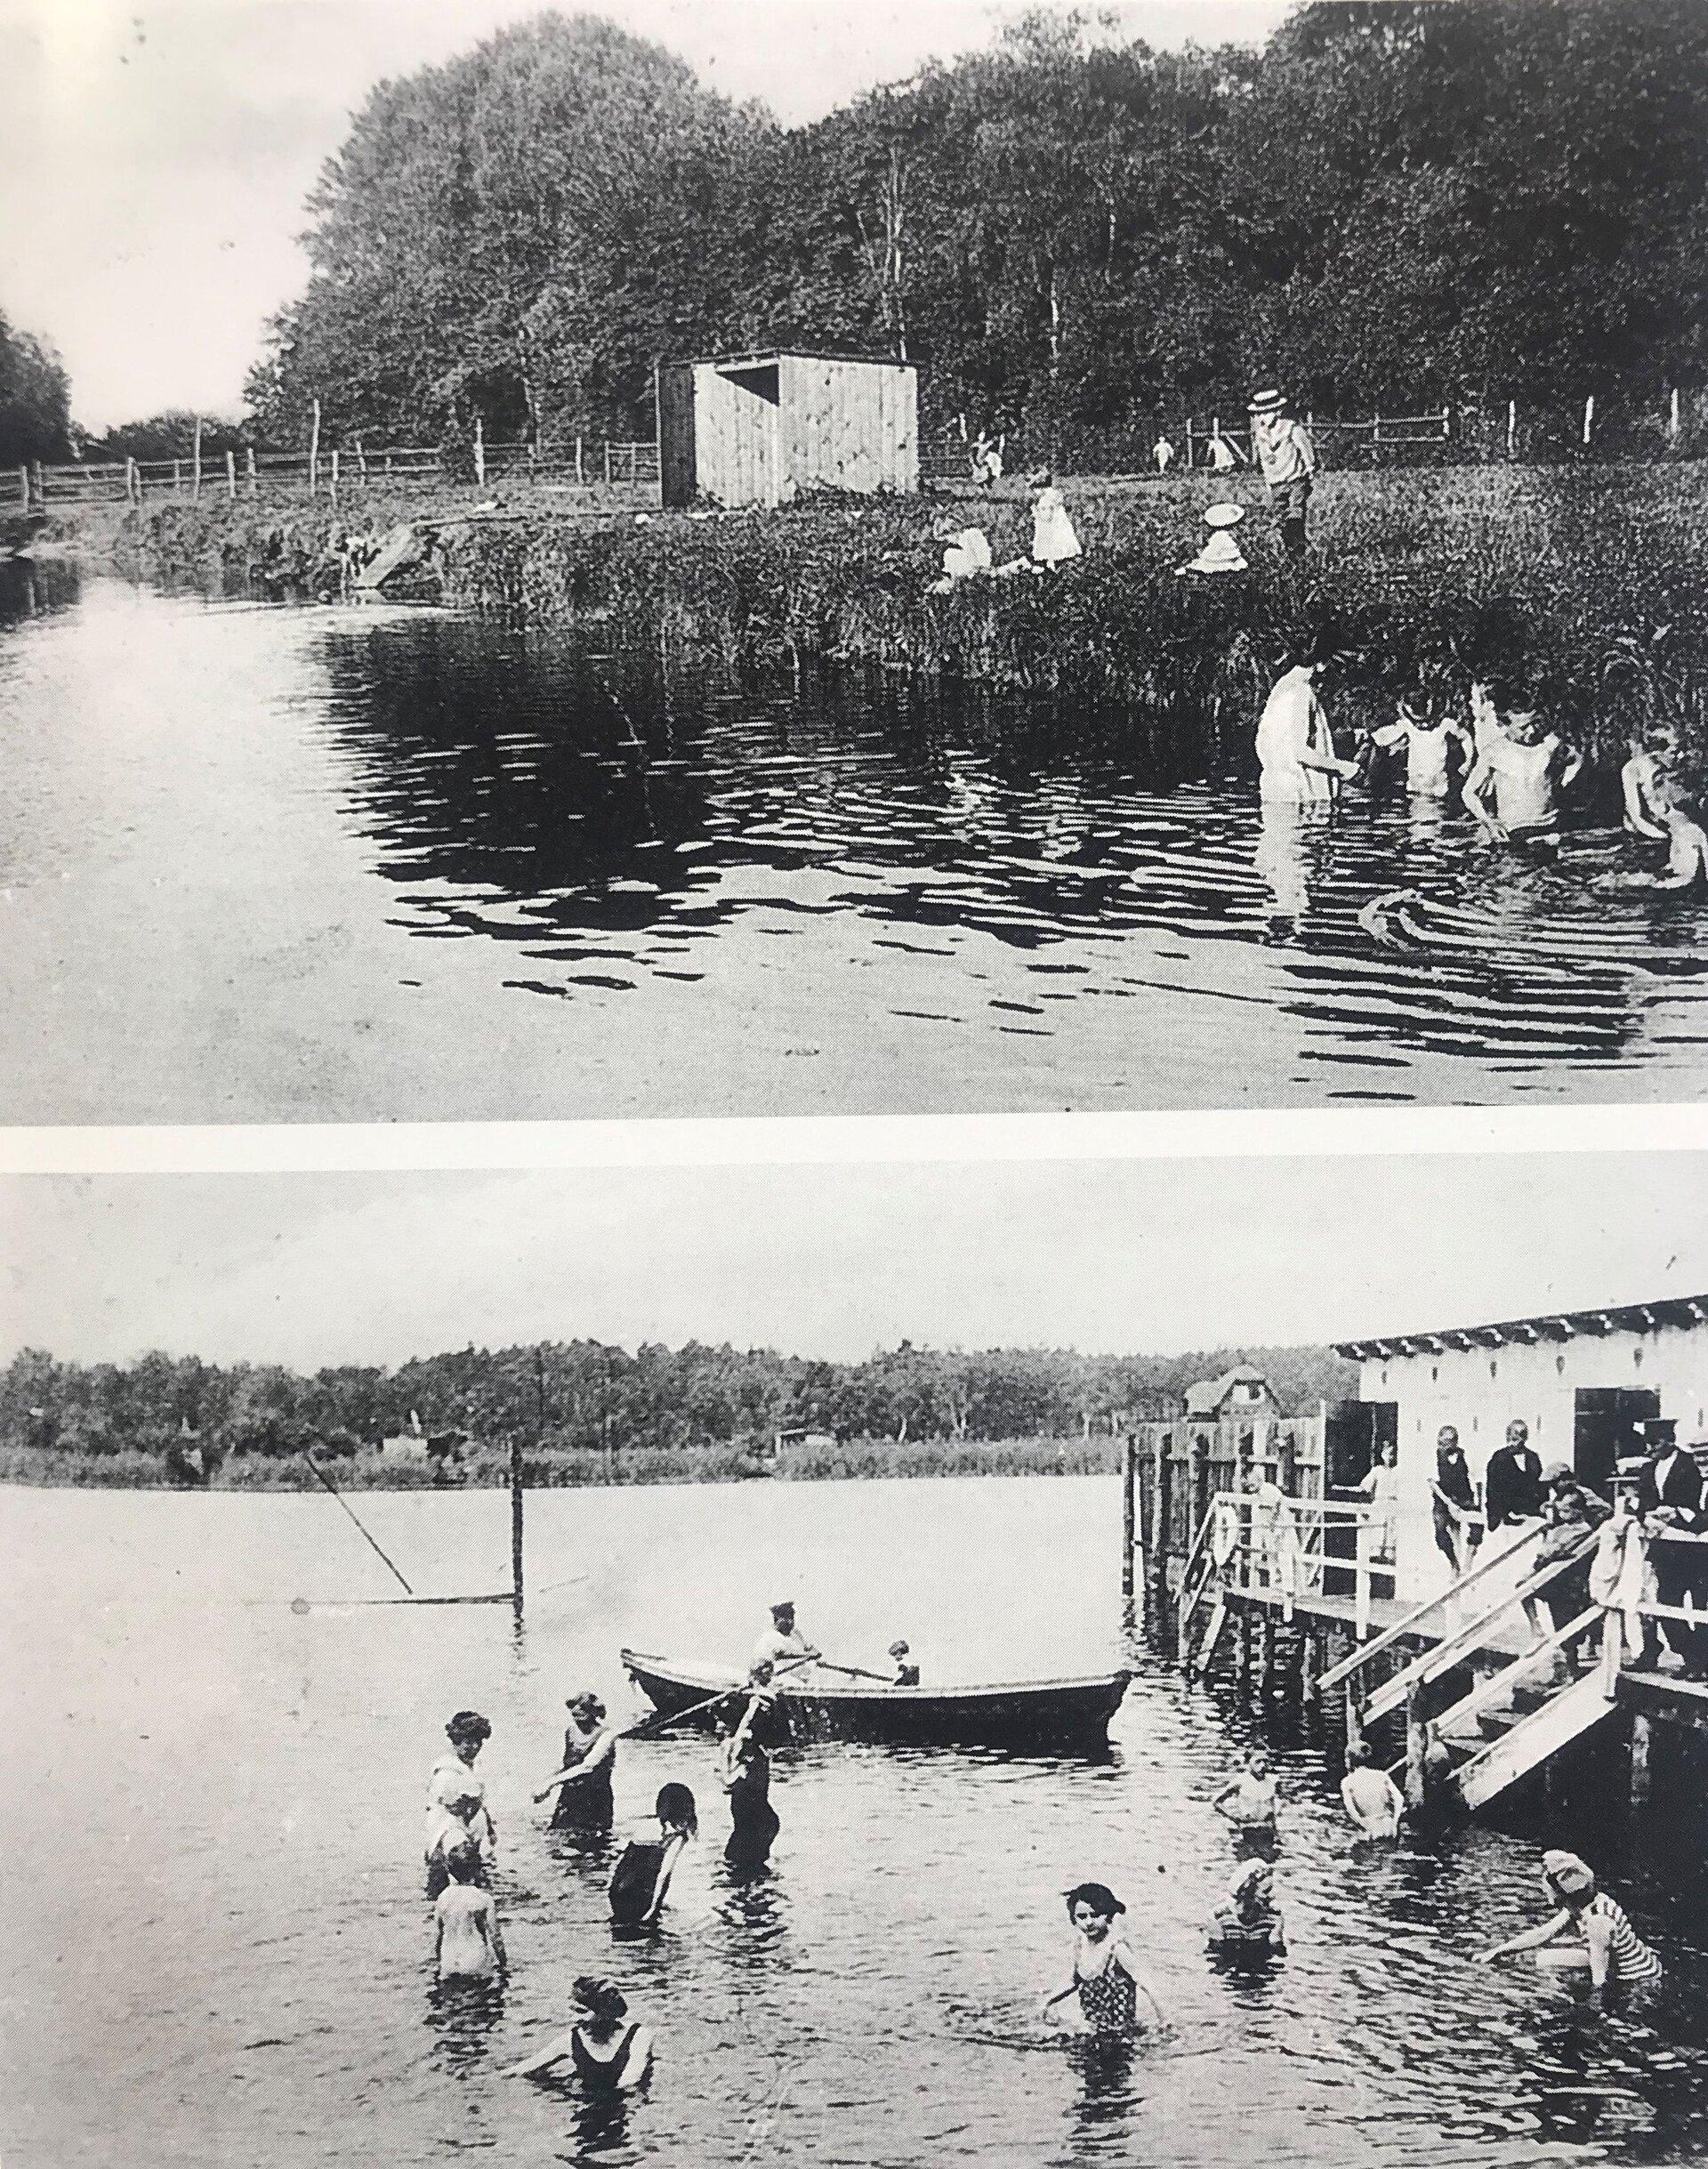 Das obere Foto zeigt den Lindenweiher in Finkenkrug, das untere die beliebte Badeanstalt in der Seepromenade (Quelle Museum und Galerie Falkensee) am Falkenhagener See.